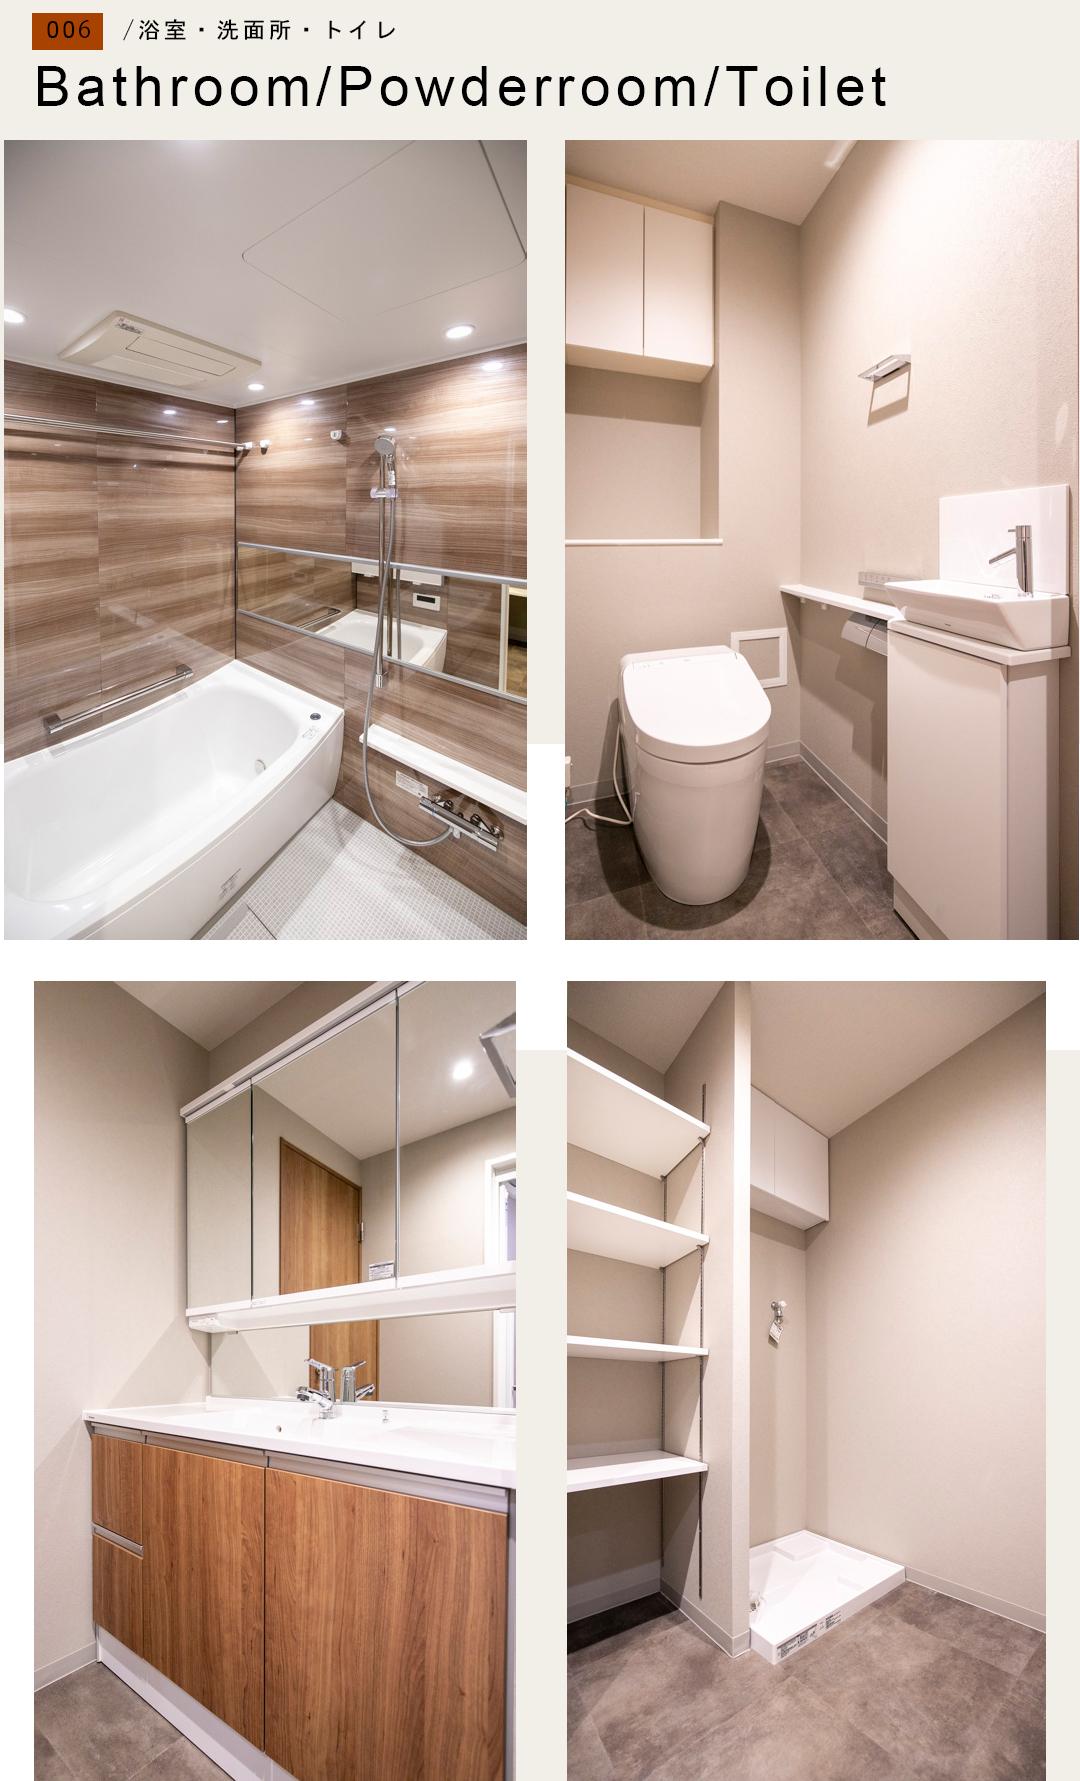 06浴室,洗面所,トイレ,Bathroom Powderroom Toilet